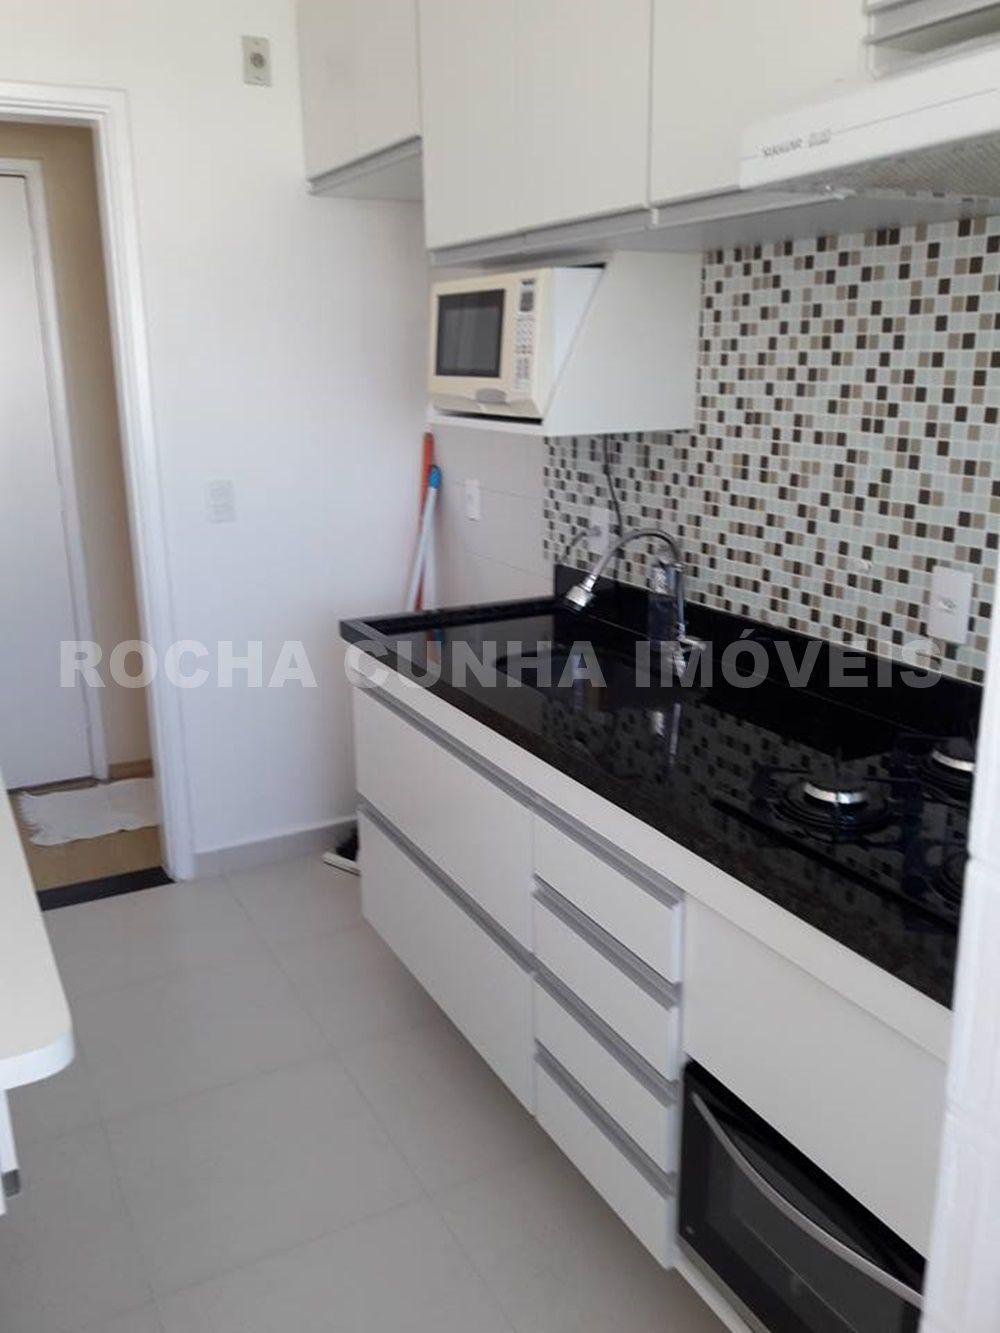 Apartamento 2 quartos à venda São Paulo,SP - R$ 325.000 - VENDA0060 - 2